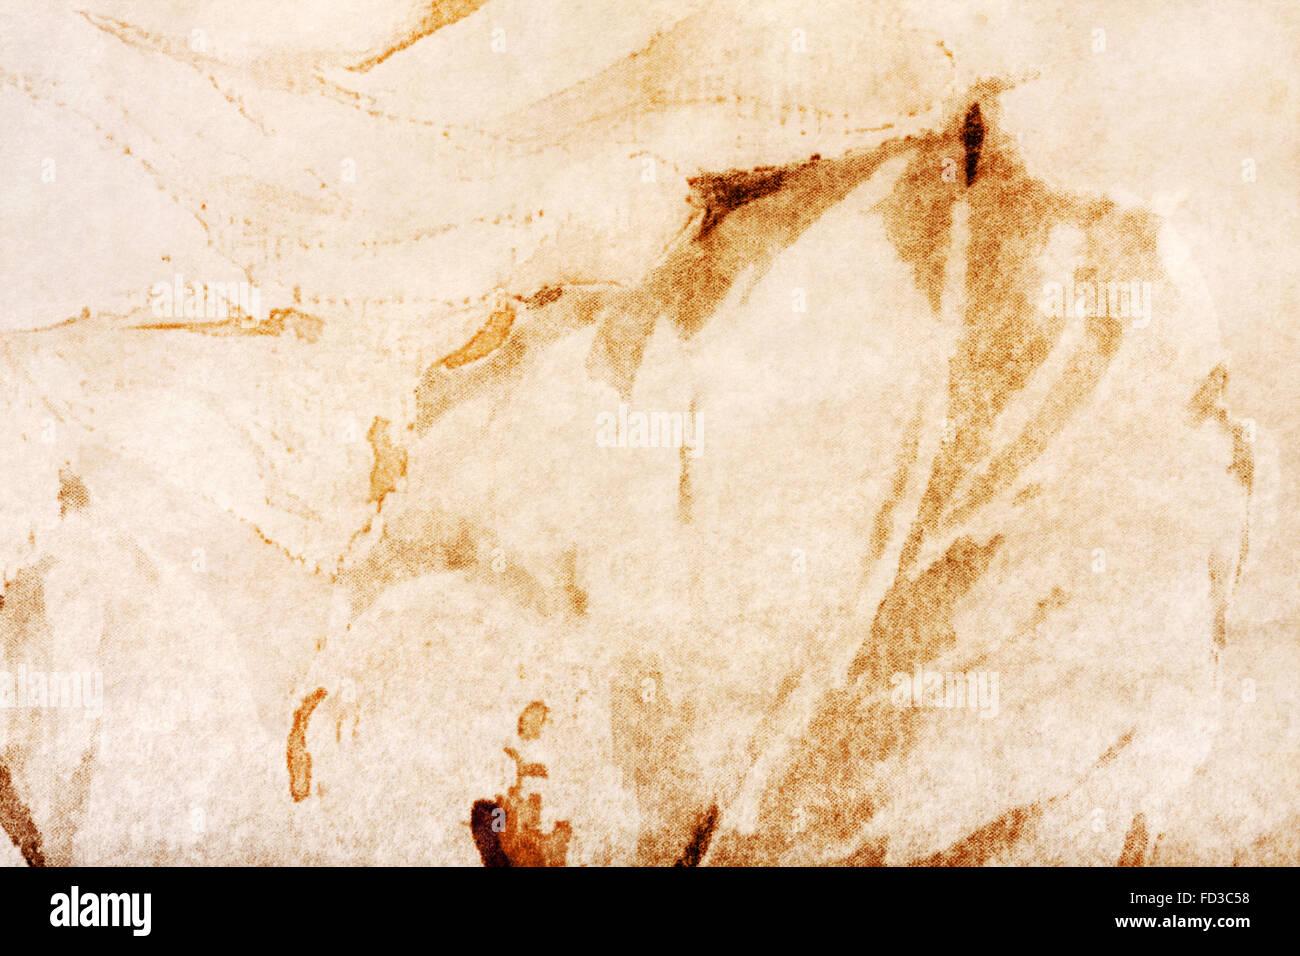 Arrière-plan créatif avec des taches marron et jaune. Grand fond ou de texture pour votre projet. Banque D'Images